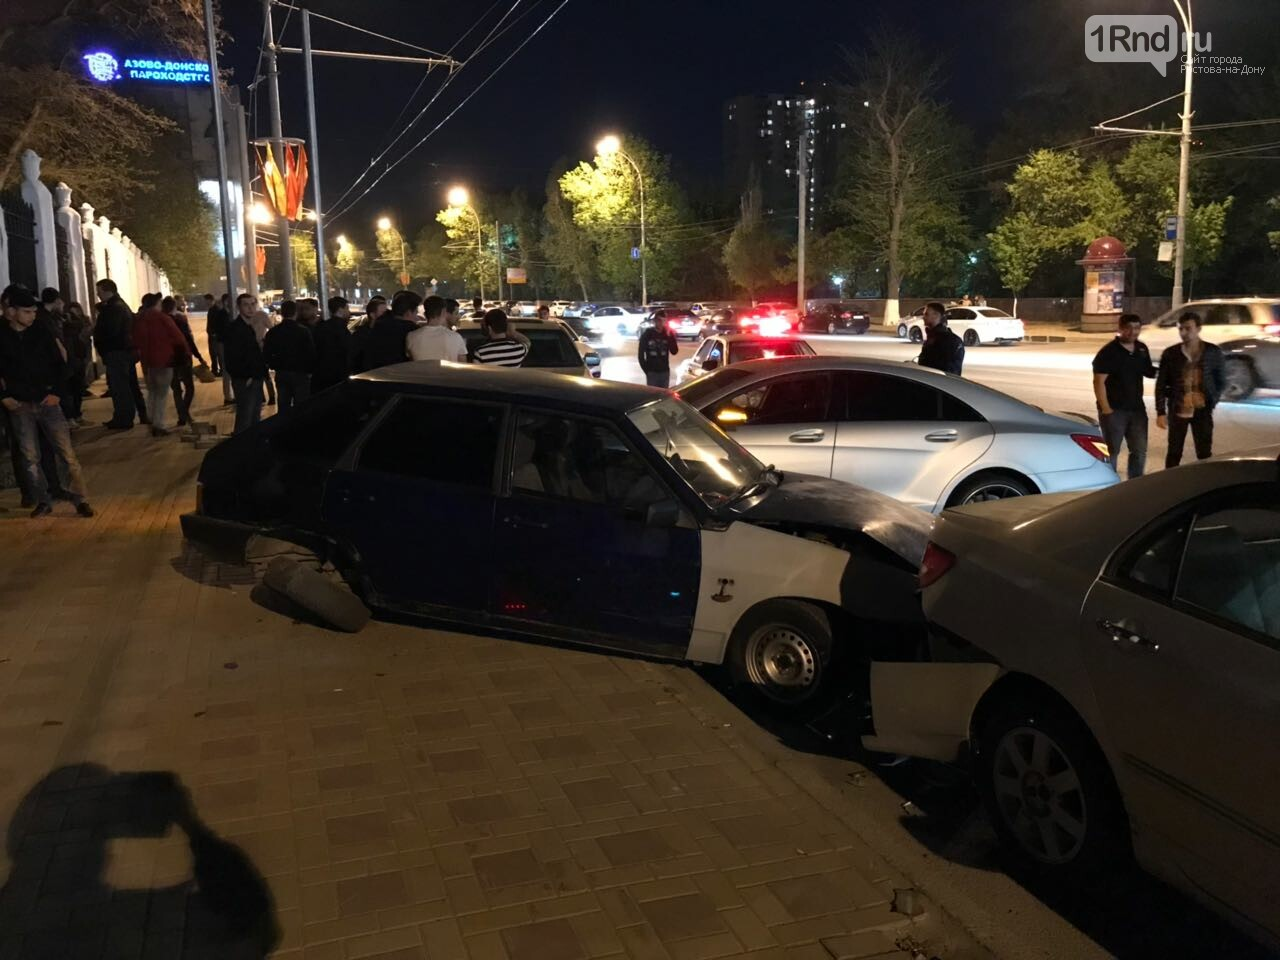 Новые подробности: виновником массовой аварии на Театральной площади стал иностранец, фото-1, Фото: предоставлено очевидцем